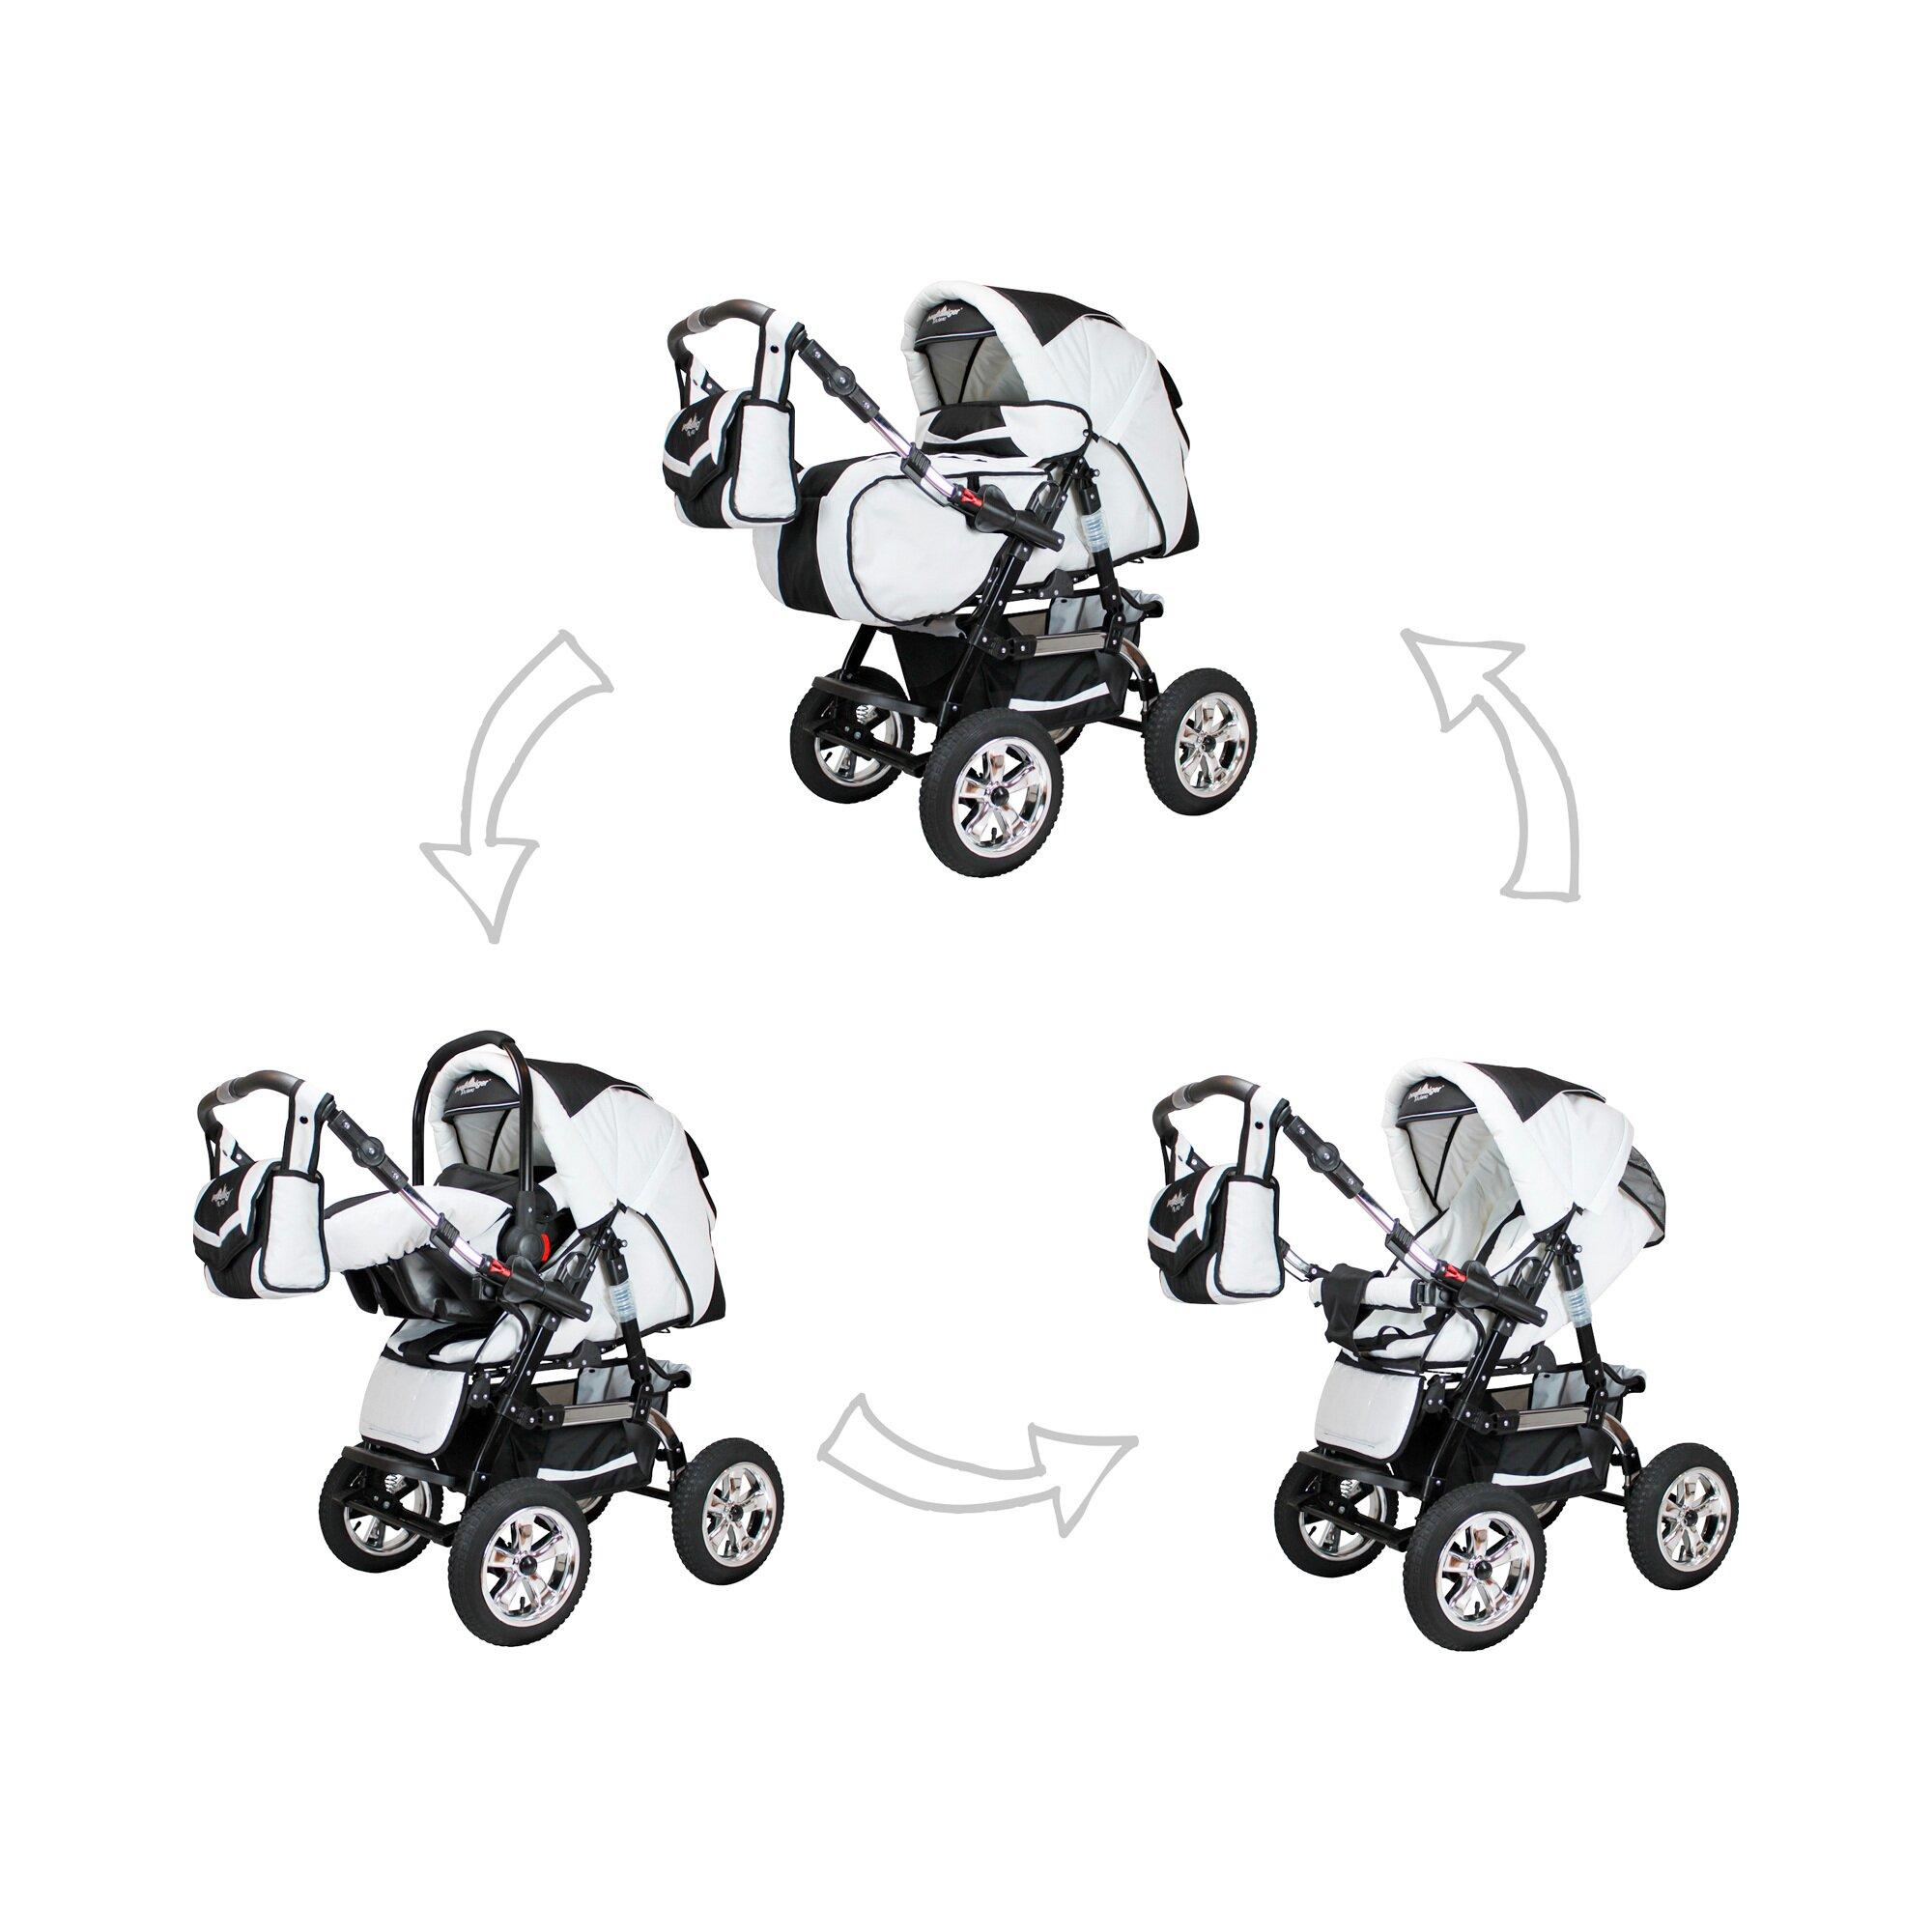 bergsteiger-milano-kombikinderwagen-schwarz